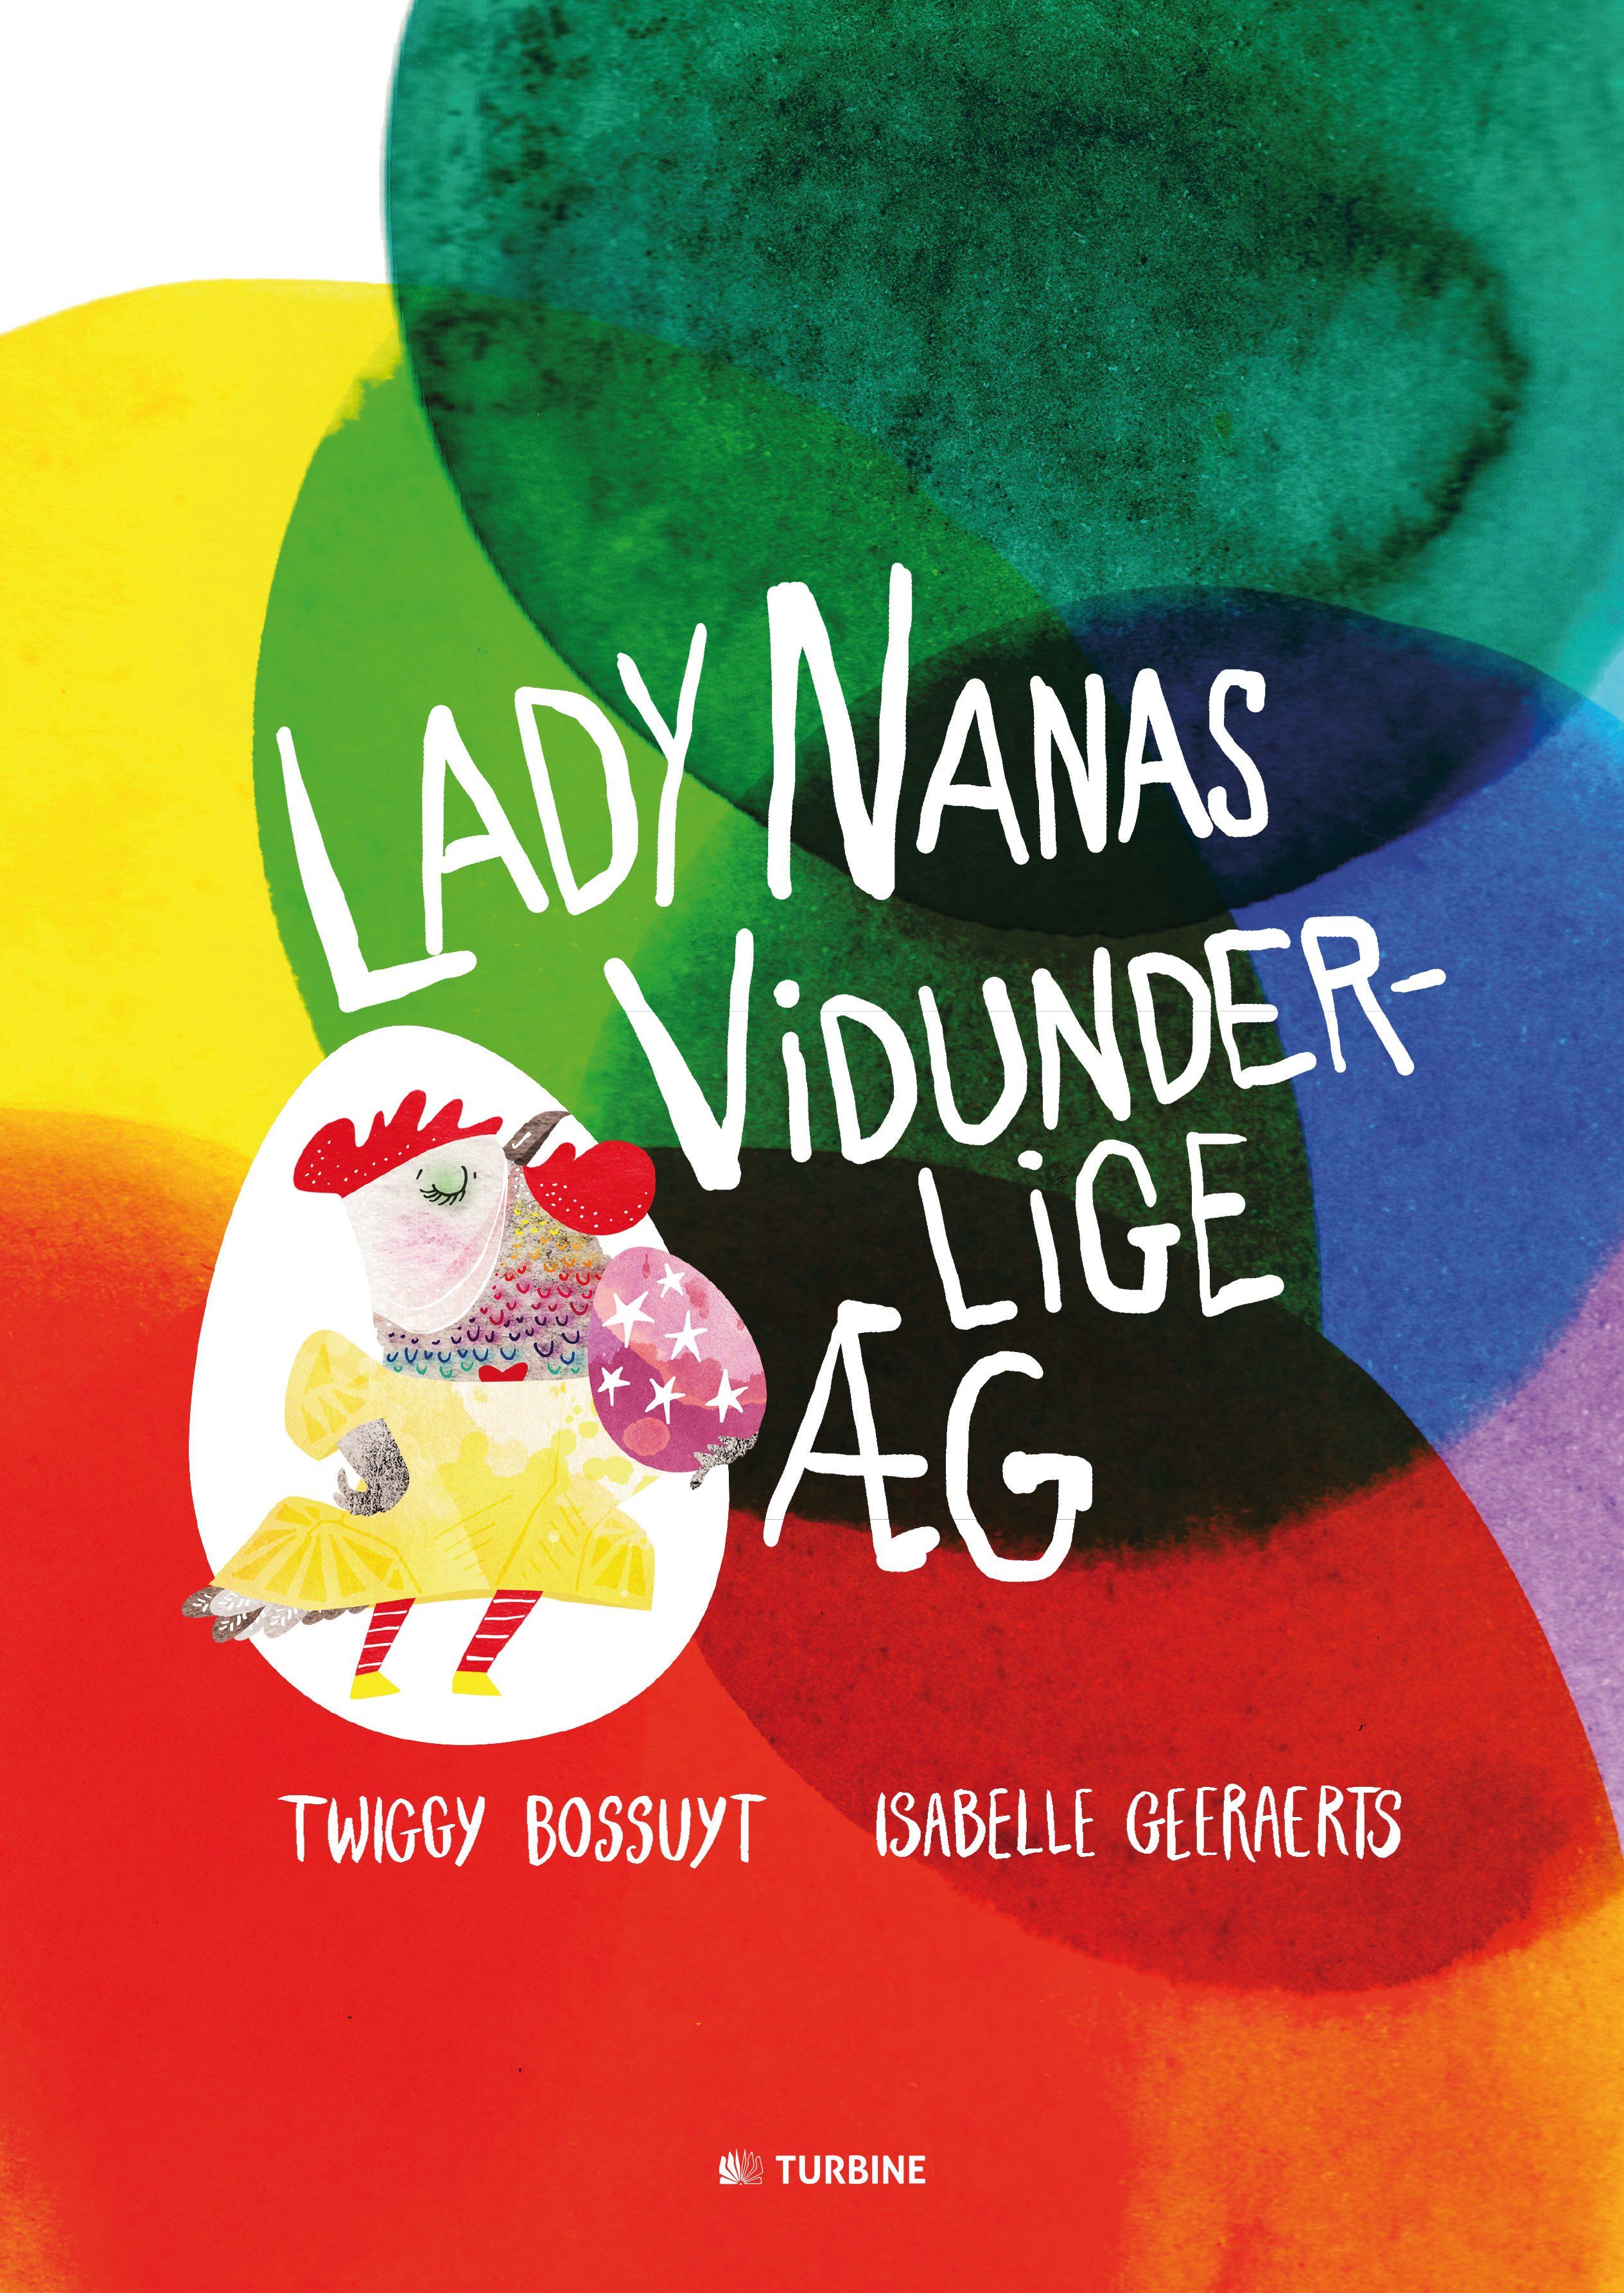 Lady Nanas vidunderlige æg